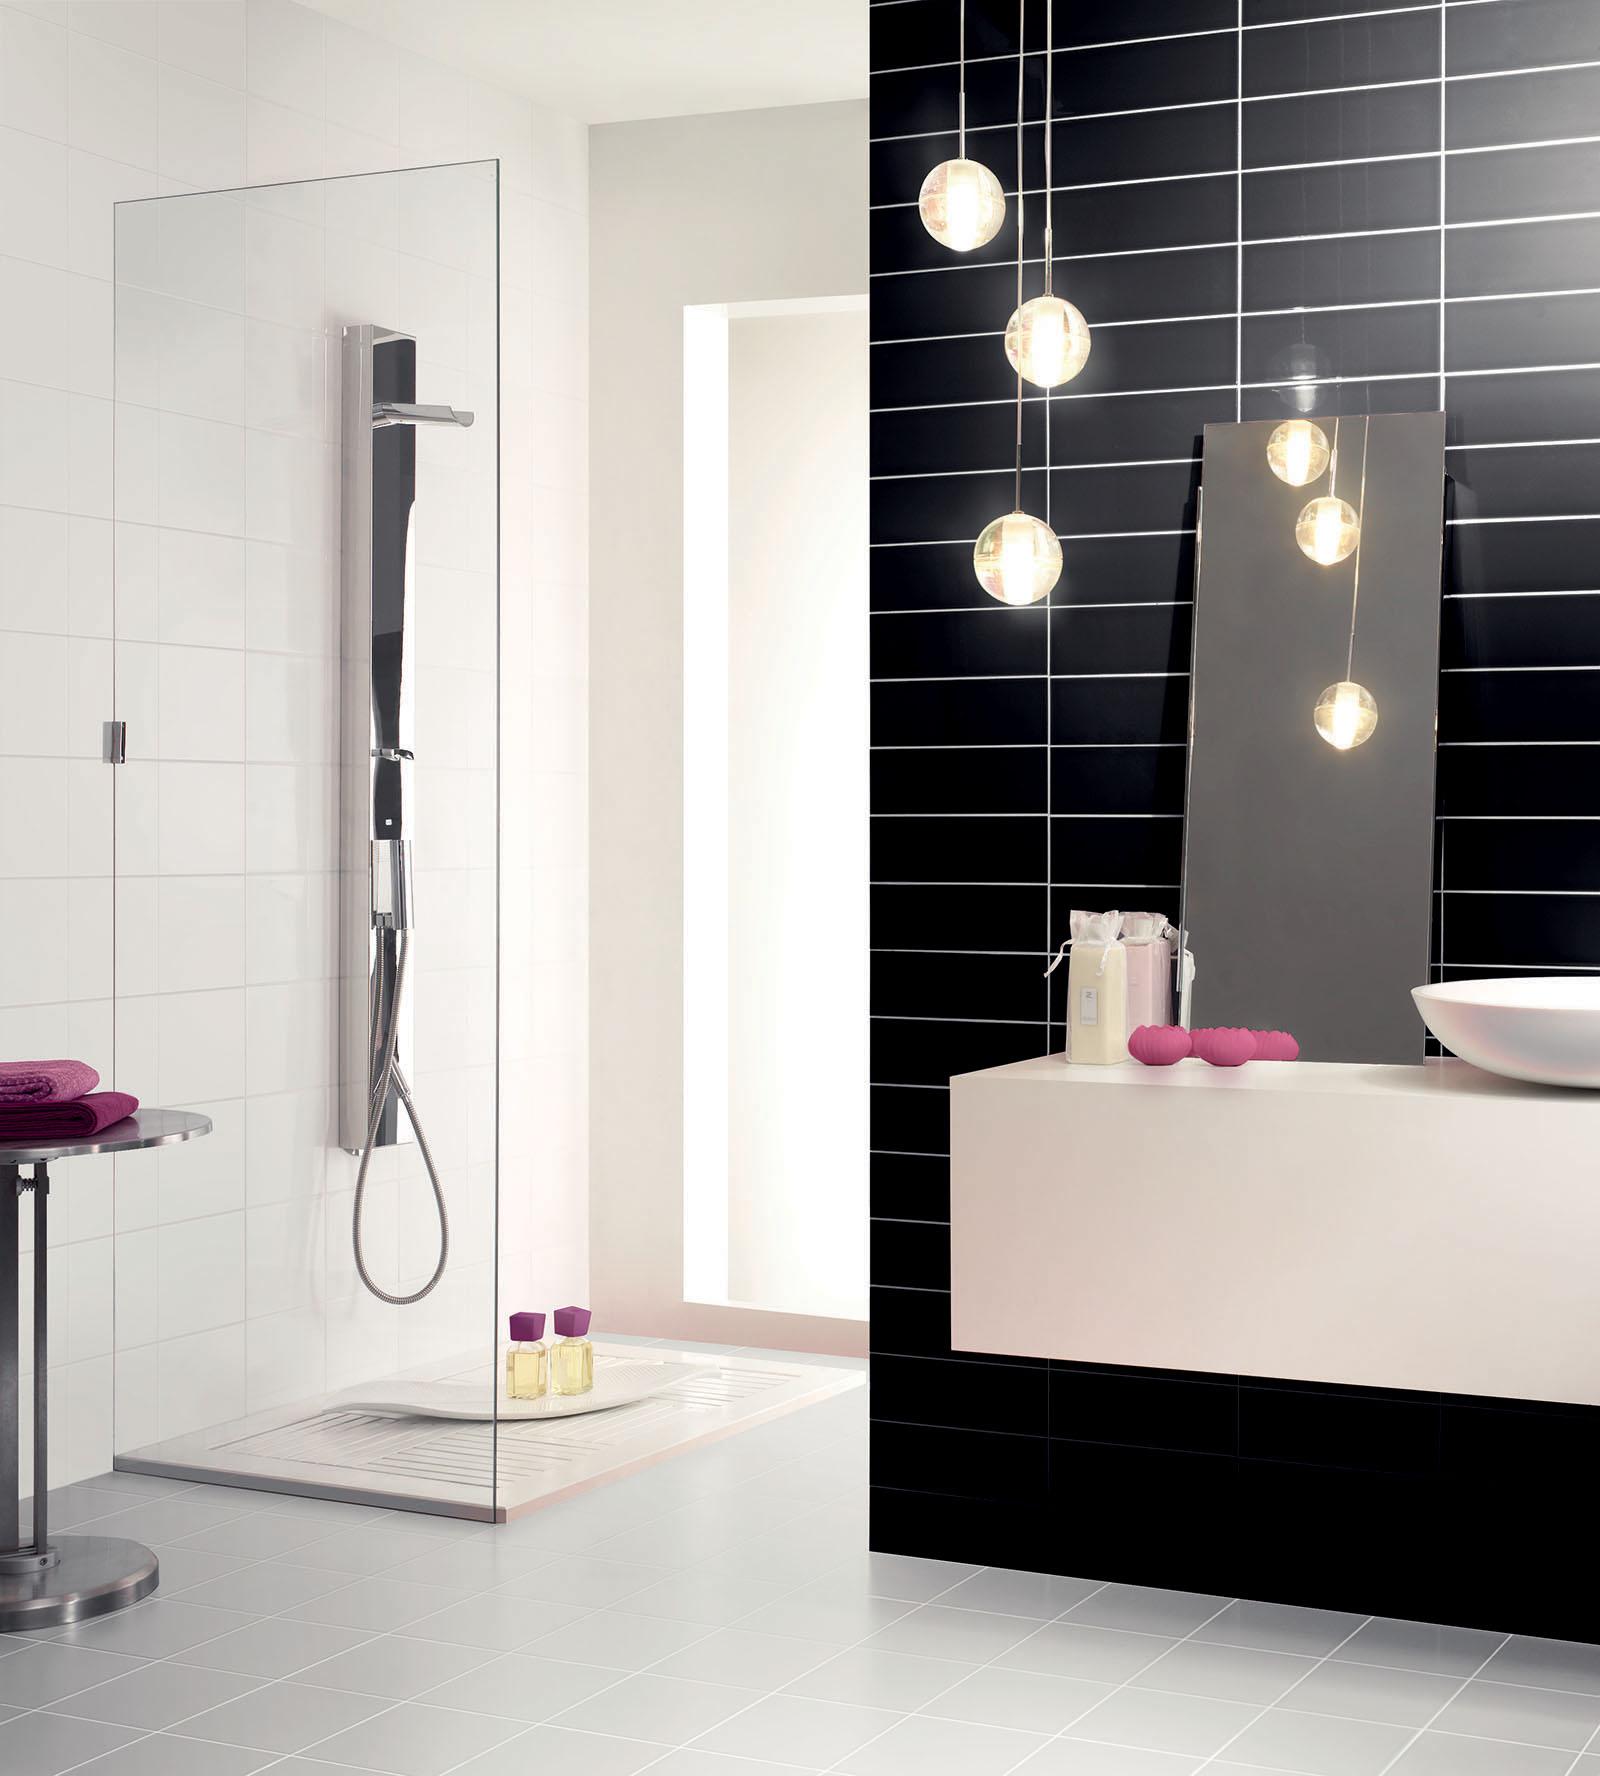 Rivestimento bagno e cucina colors pavimenti e rivestimenti armonie - Bagno bianco nero ...